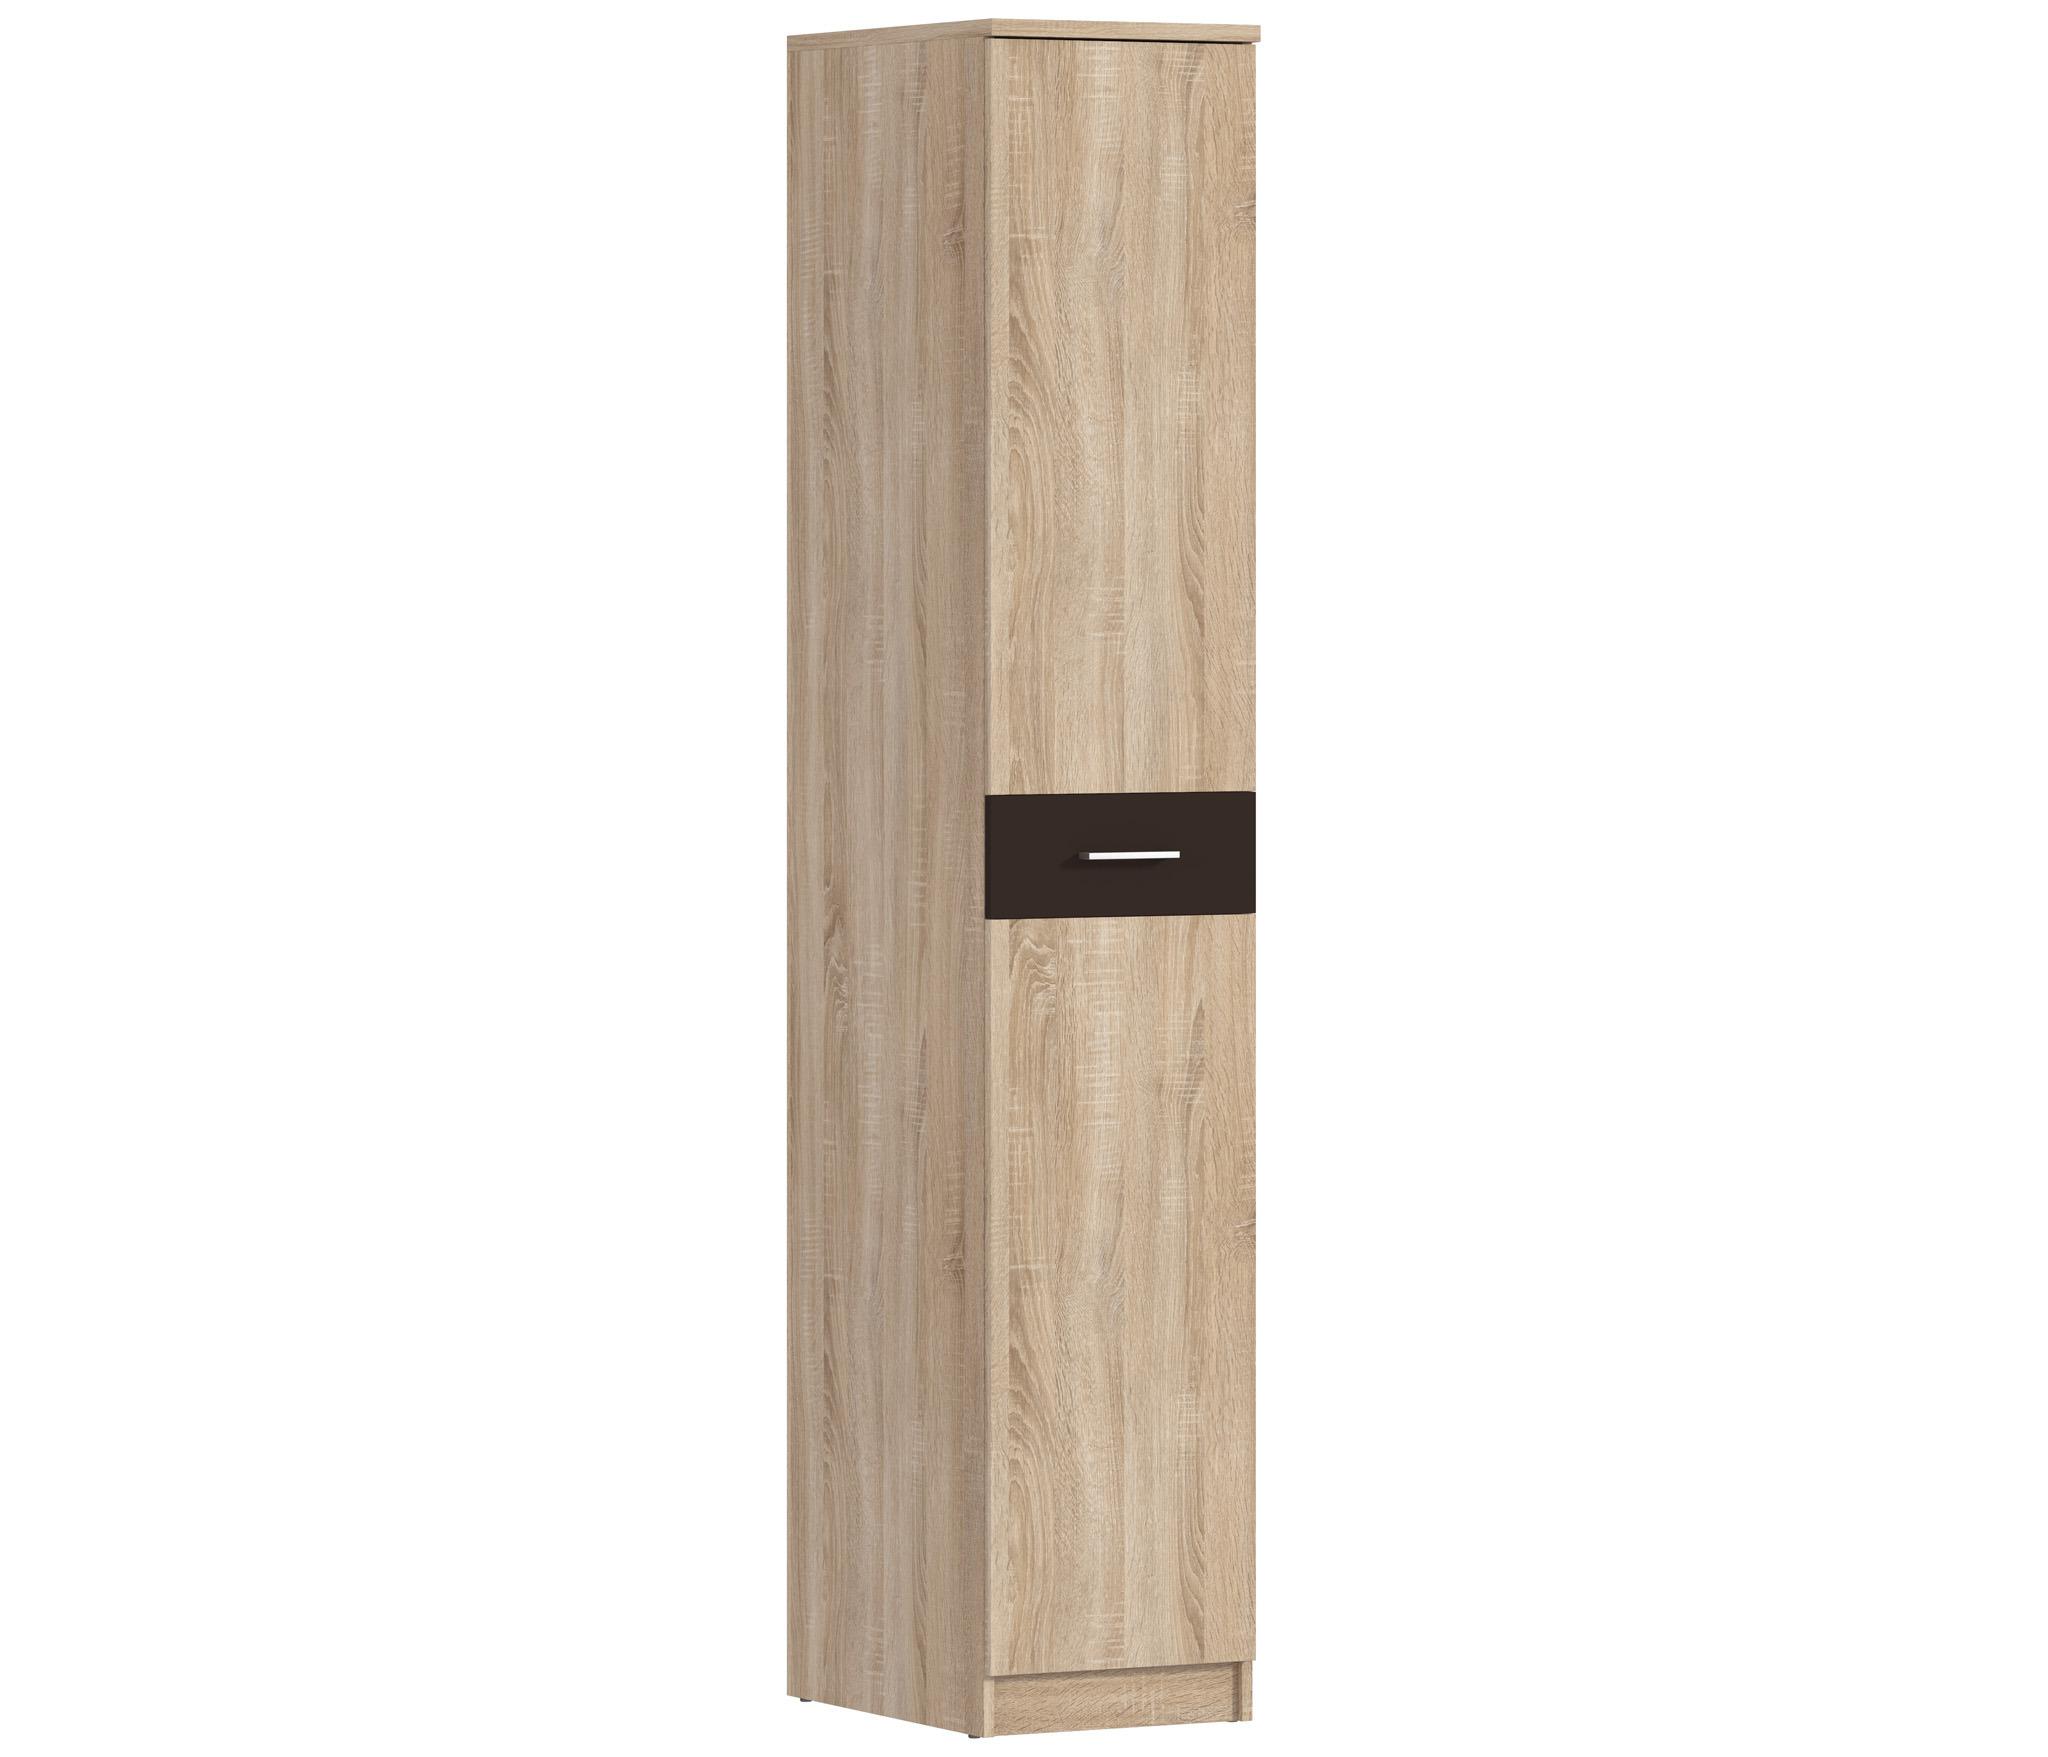 Клео СБ-2009 Шкаф 1-о дверныйШкафы<br>Компактный шкаф с единой дверью и сдержанным фасадом послужит дополнительной системой хранения, максимально сохраняя пространство комнаты.<br><br>Длина мм: 400<br>Высота мм: 2226<br>Глубина мм: 579